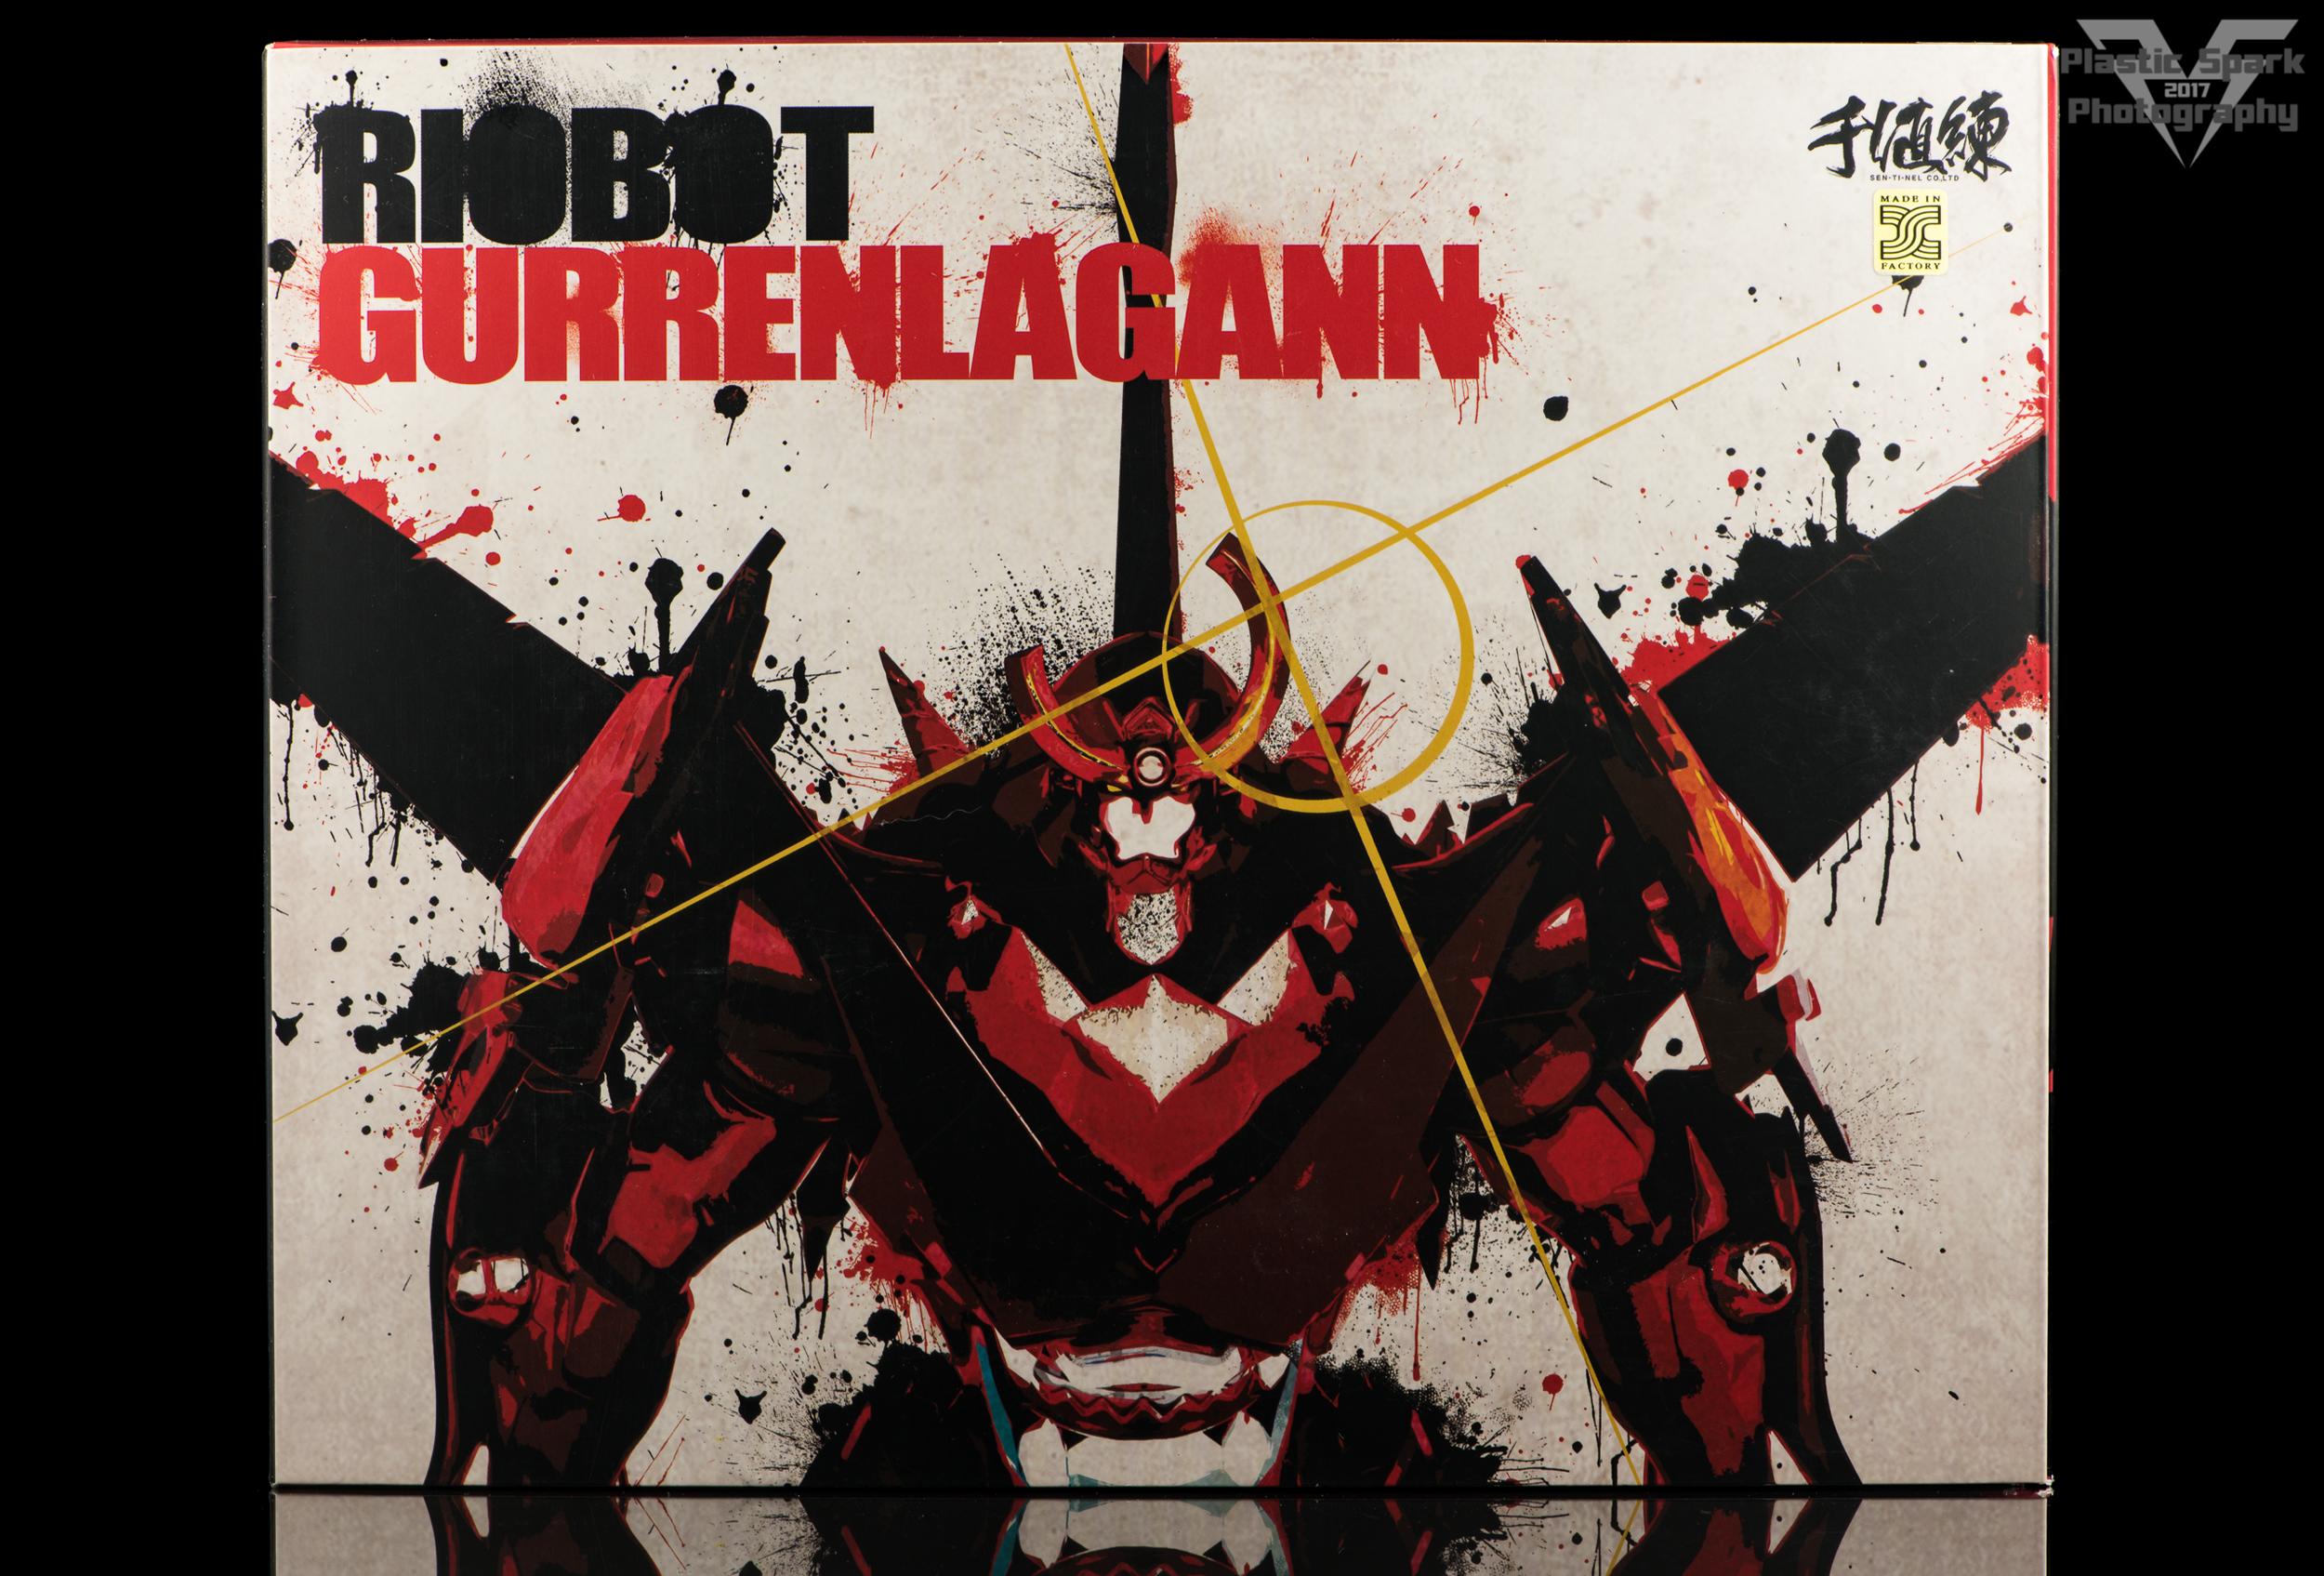 Riobot---Gurren-Lagann--(1-of-35).png